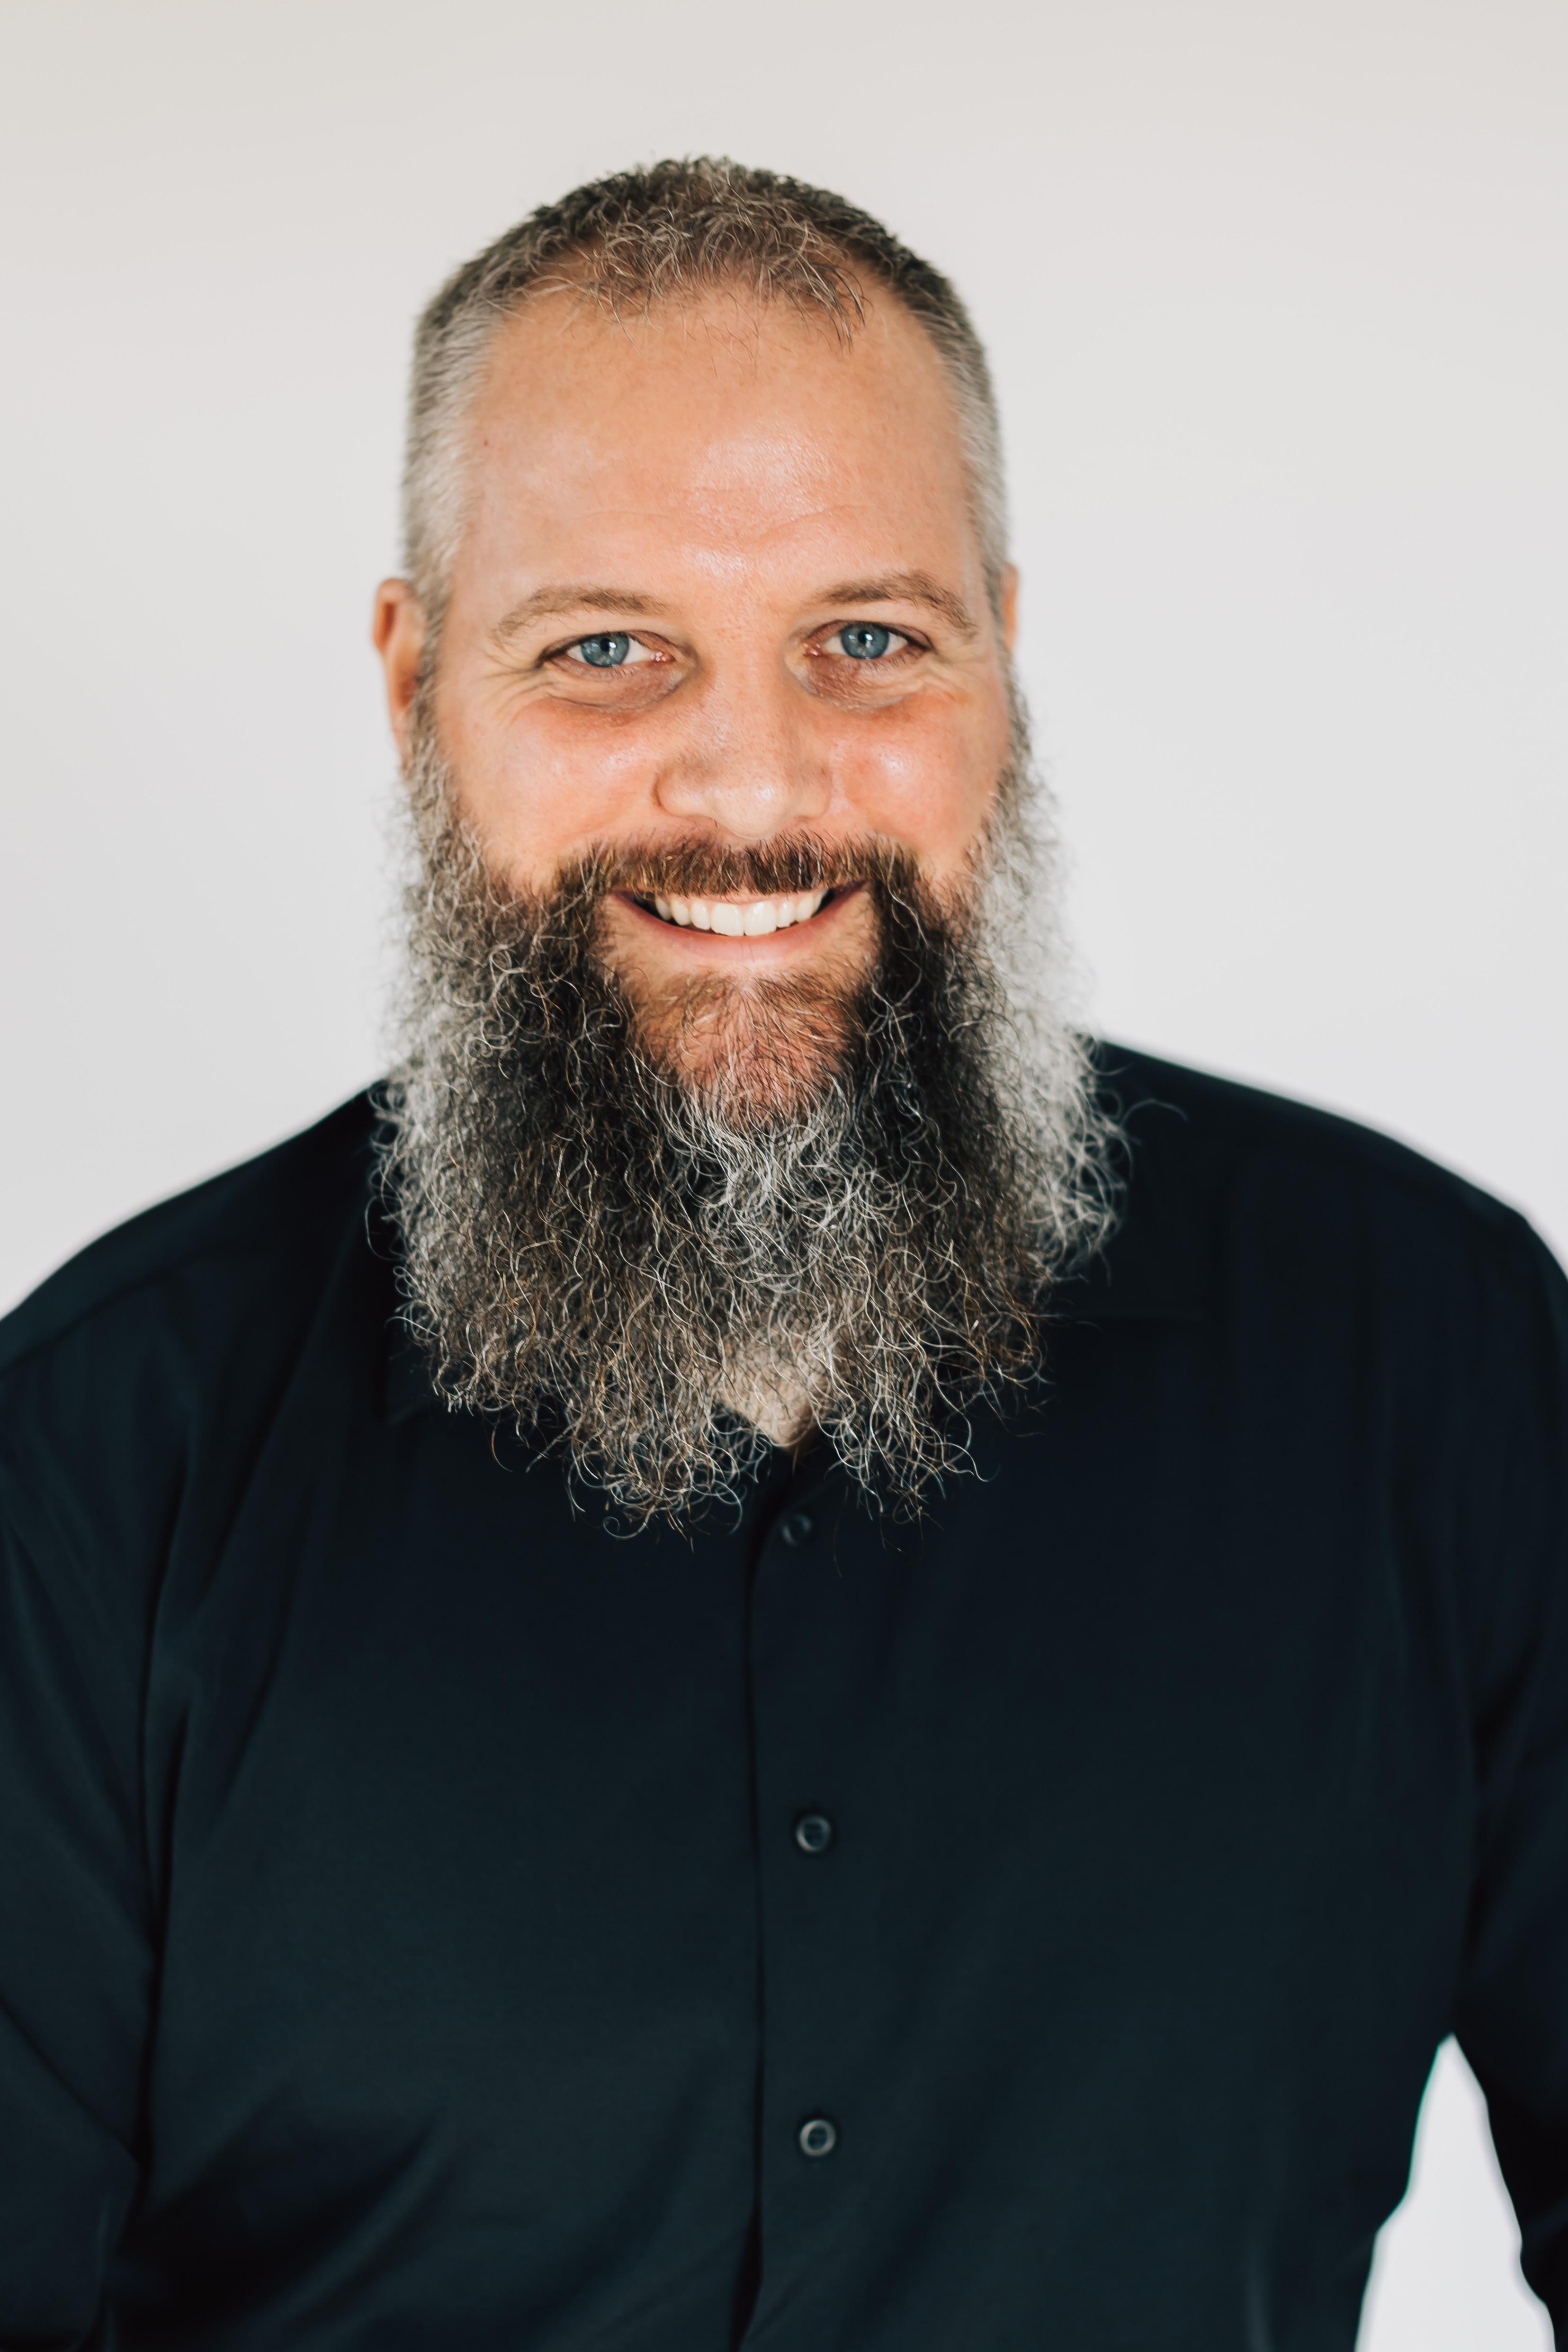 Jeffrey D. Dieffenbach